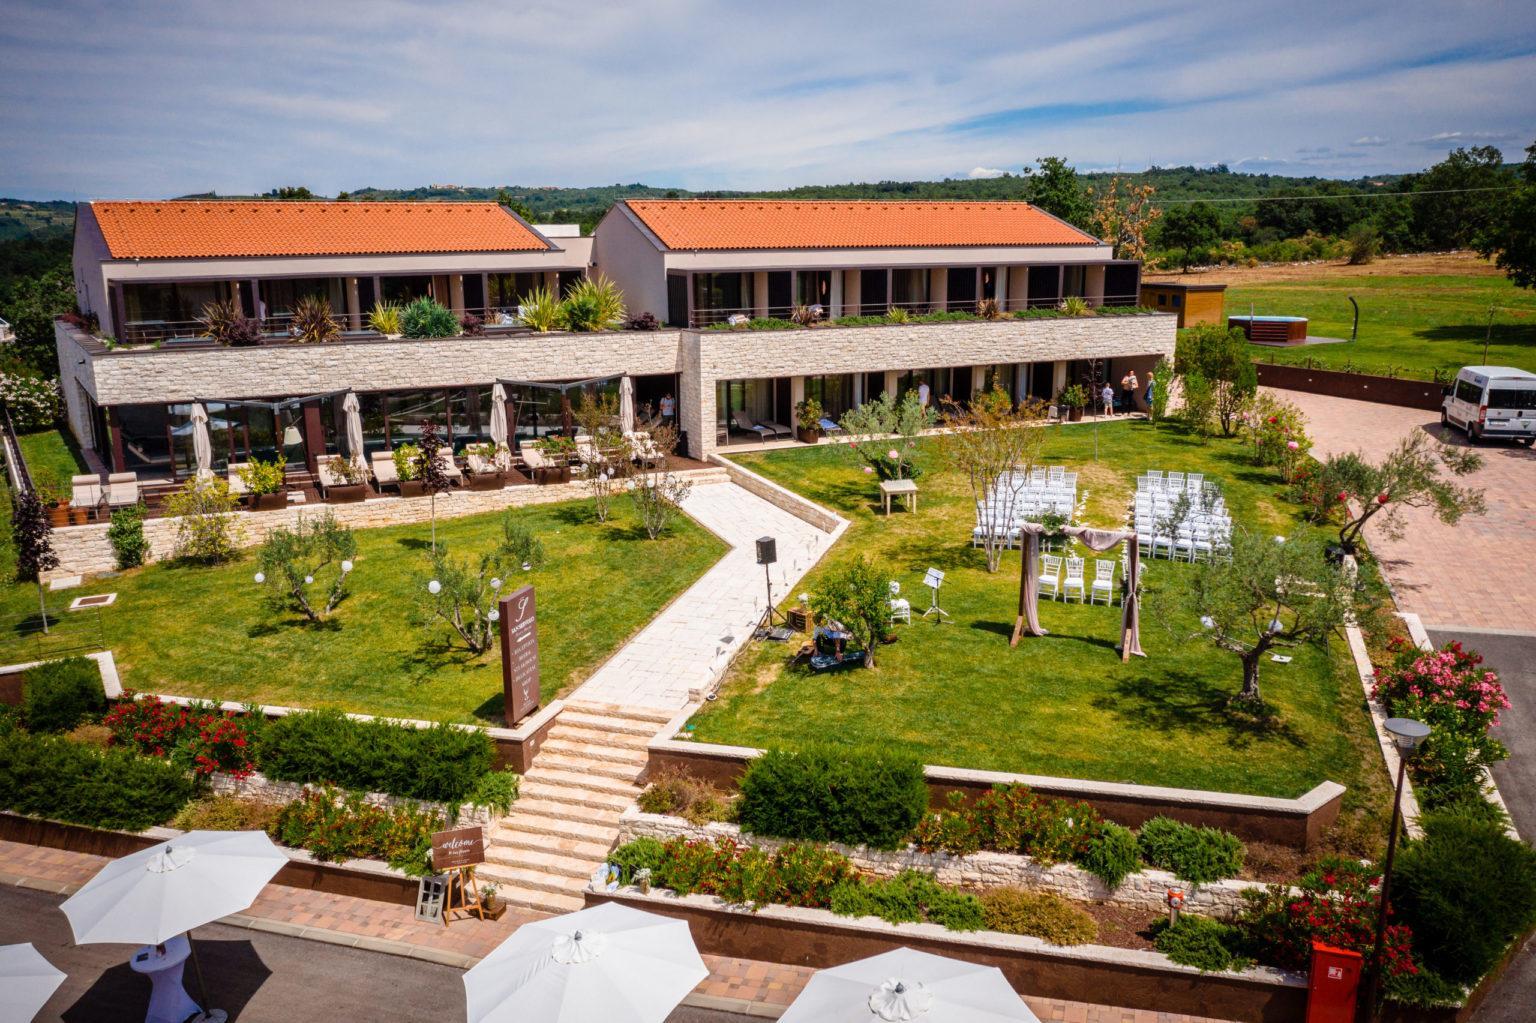 hochzeitslocation Kroatien location hochzeit heiraten 16 1 scaled - Hotel der Jahreszeiten